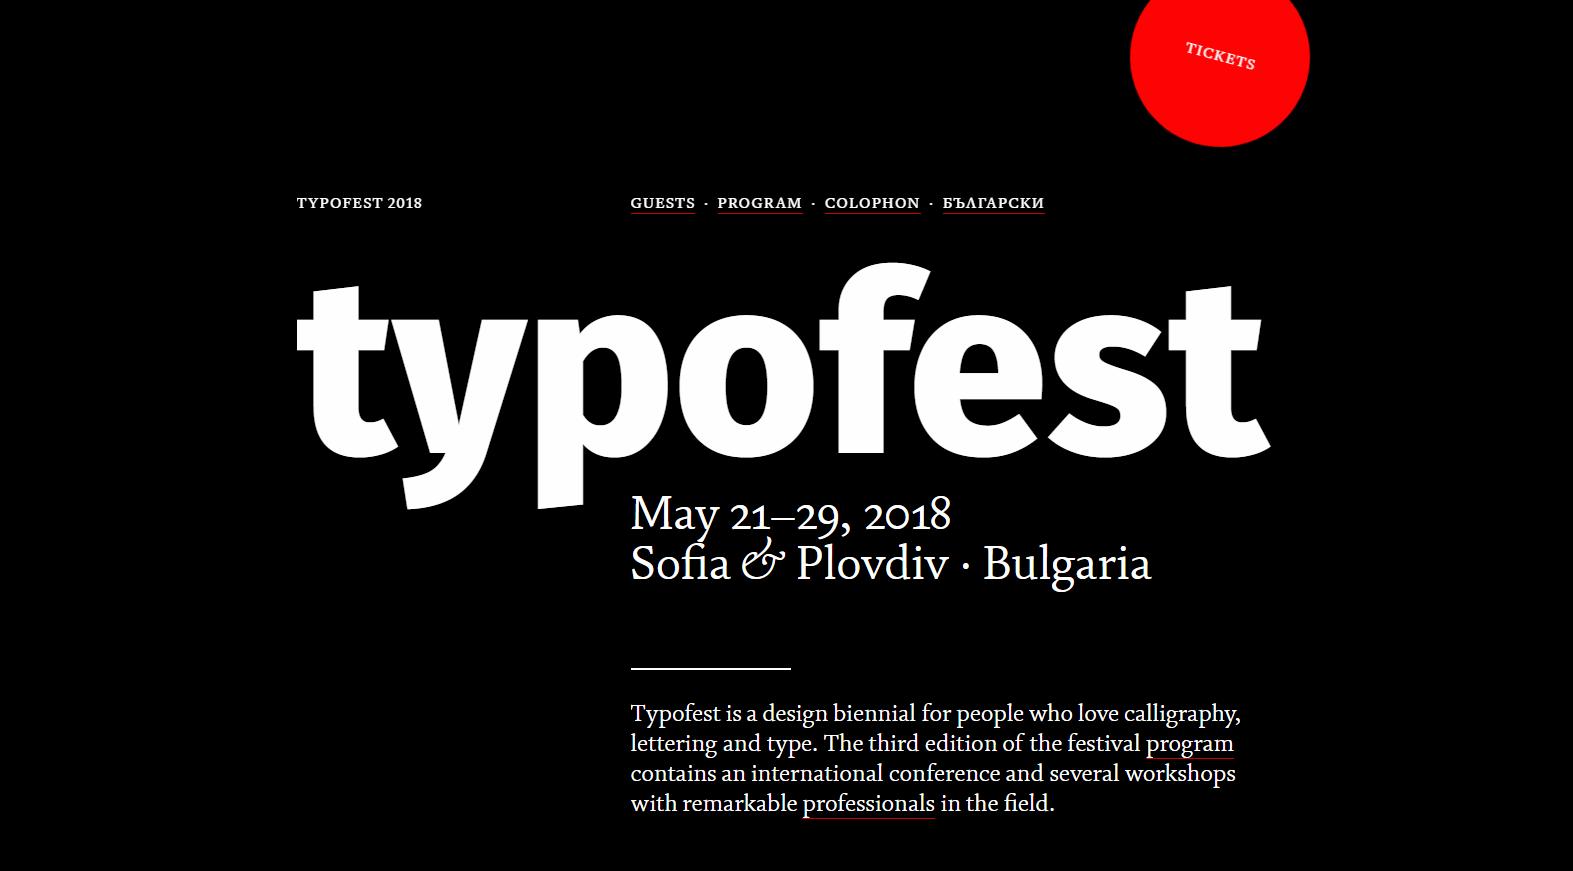 Typofest